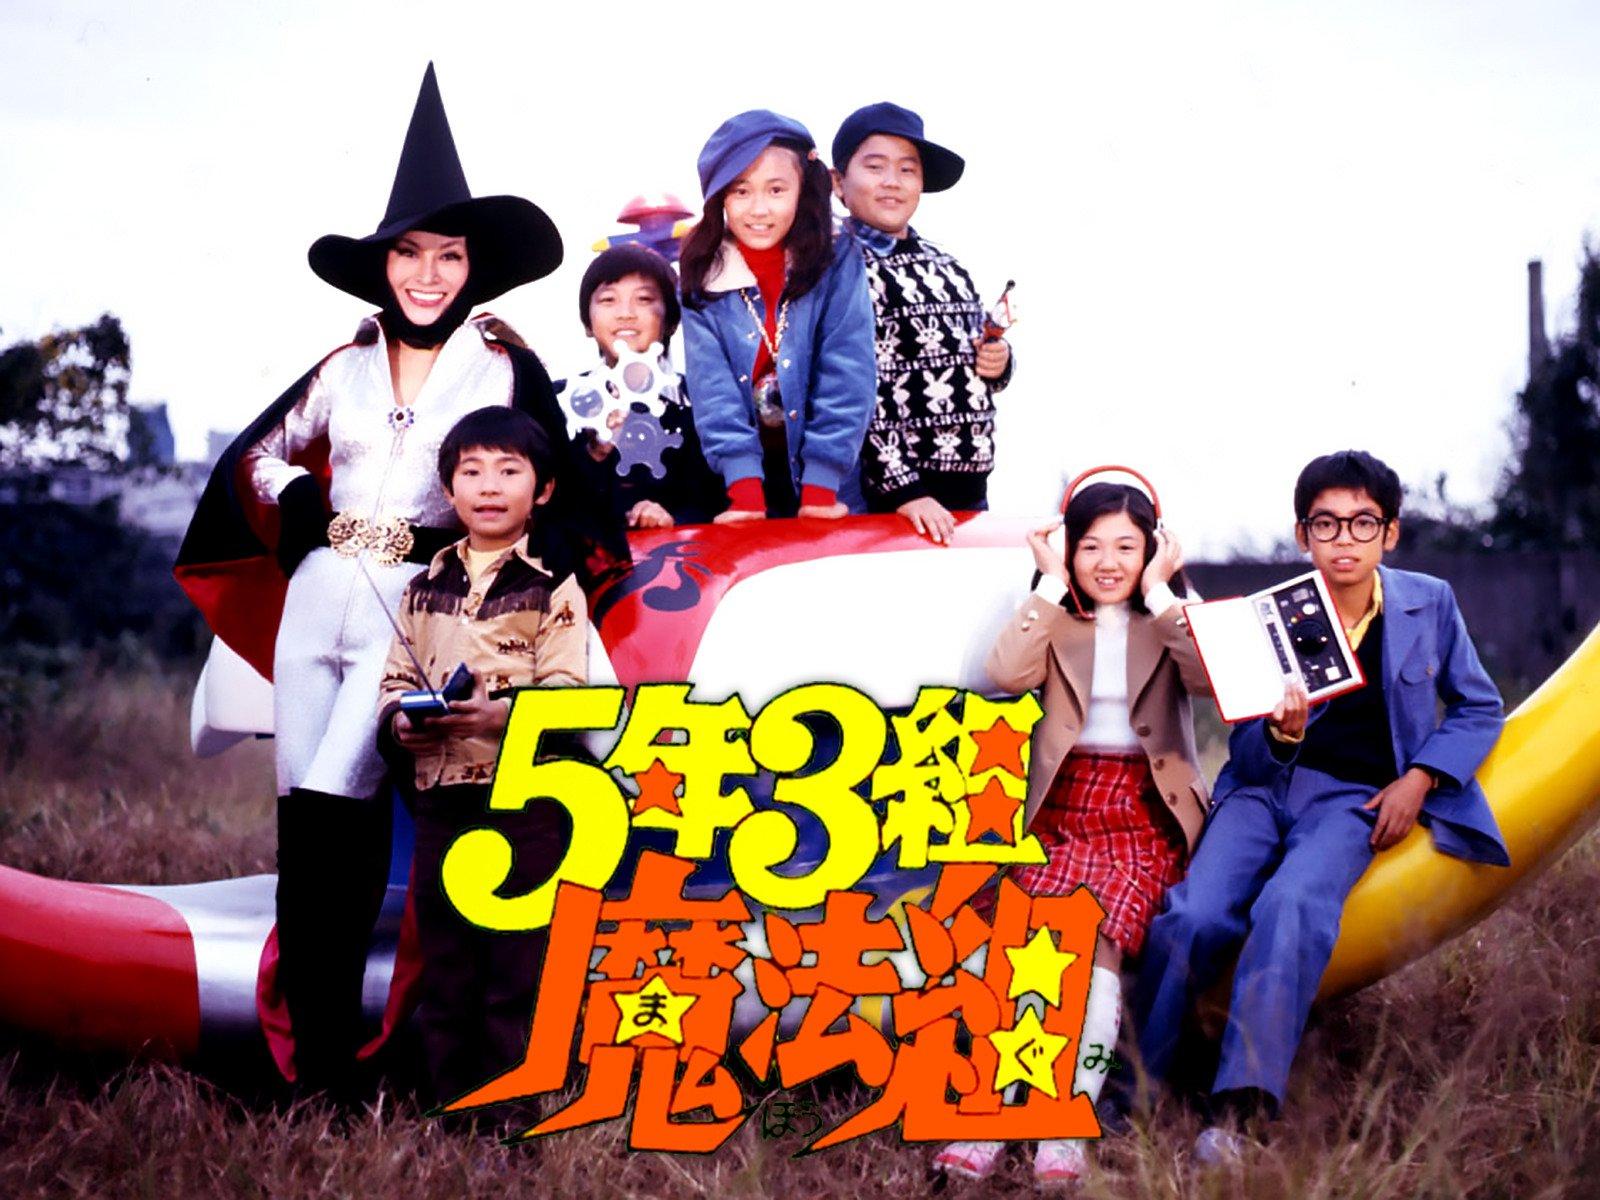 Amazon.co.jp: 5年3組魔法組を観る | Prime Video